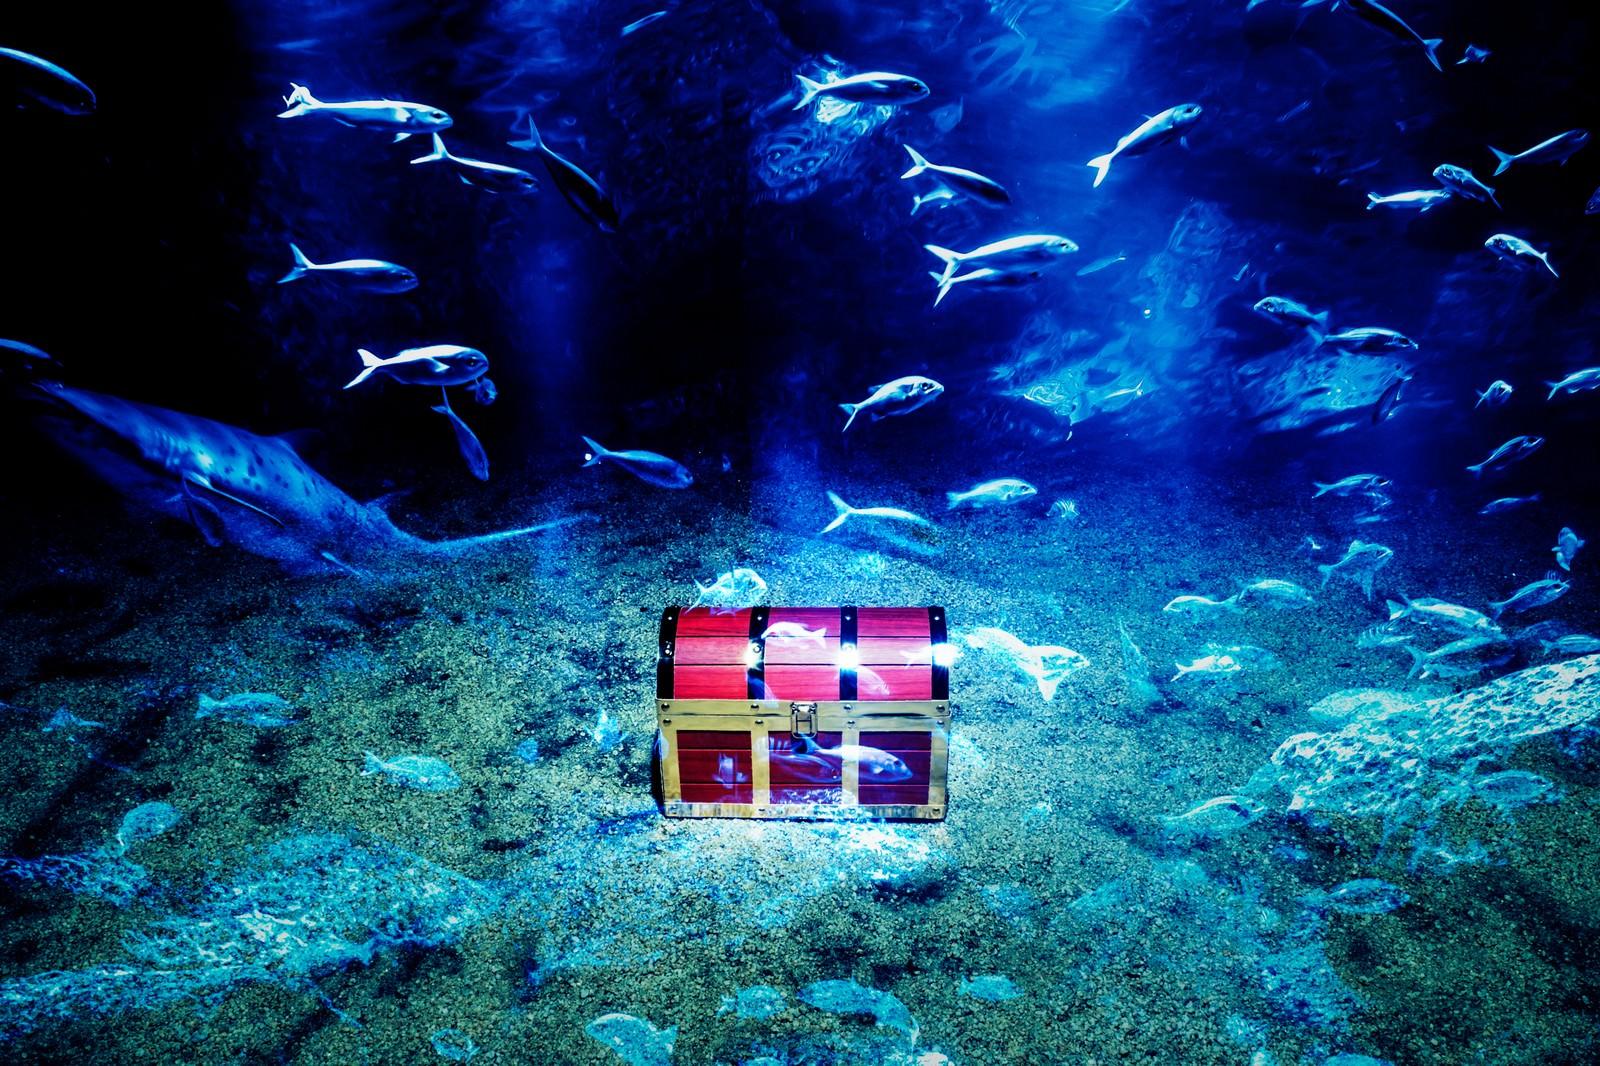 「海底に眠る伝説の秘宝」の写真